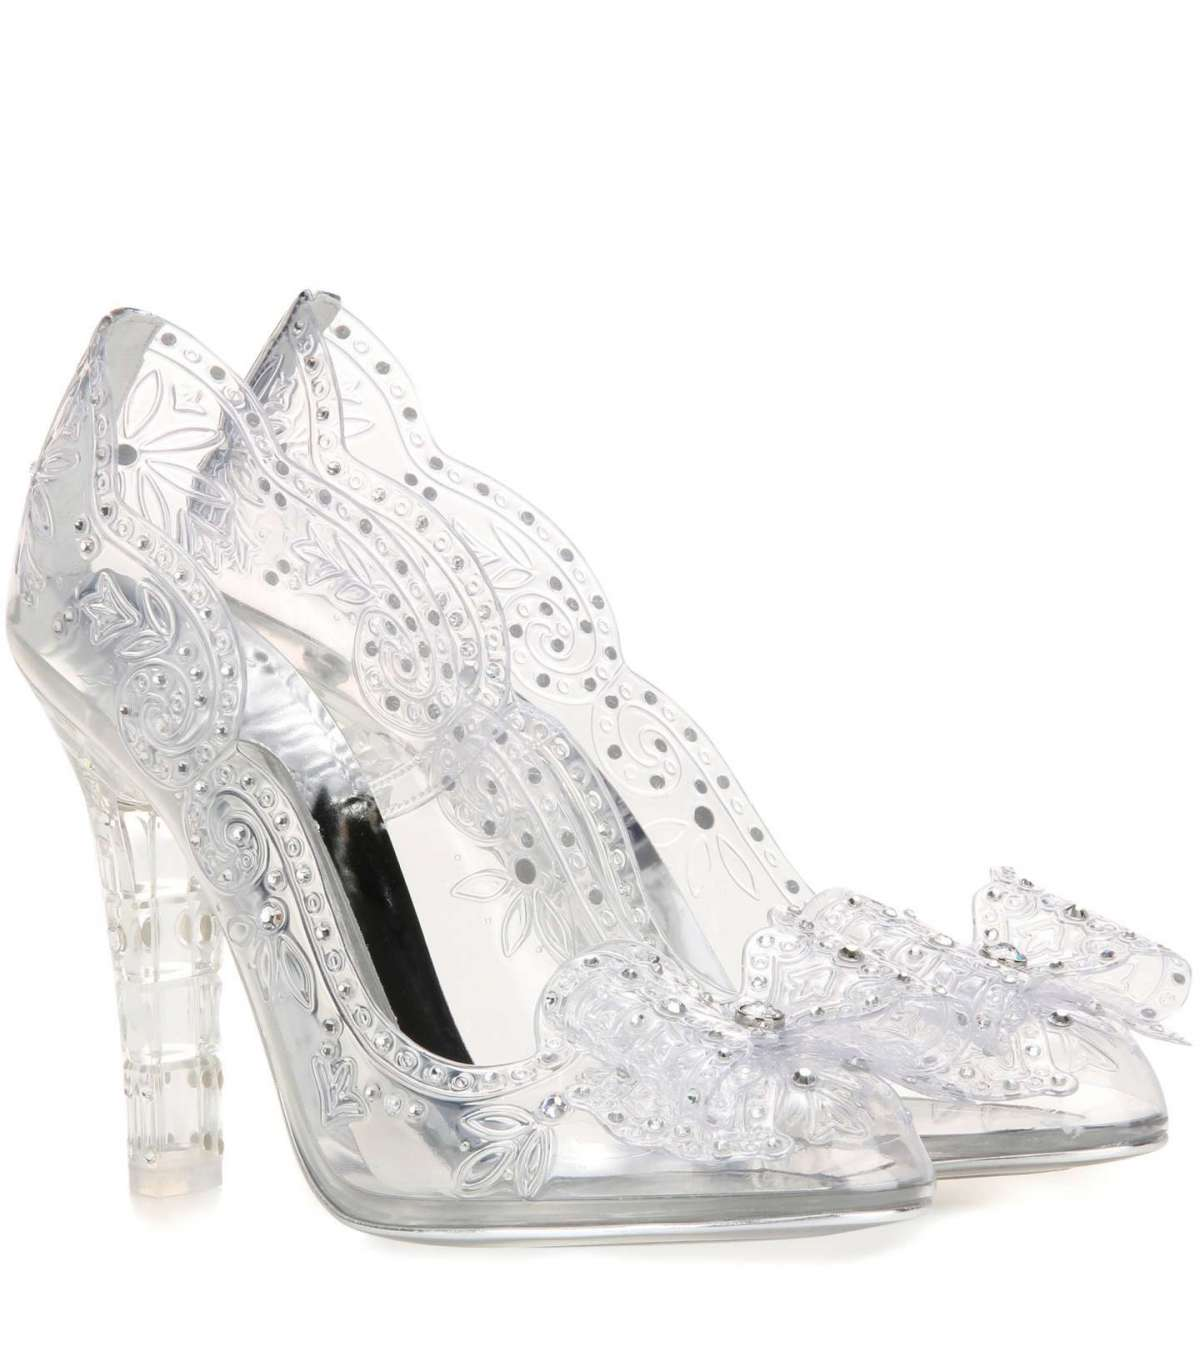 Scarpe gioiello Dolce & Gabbana